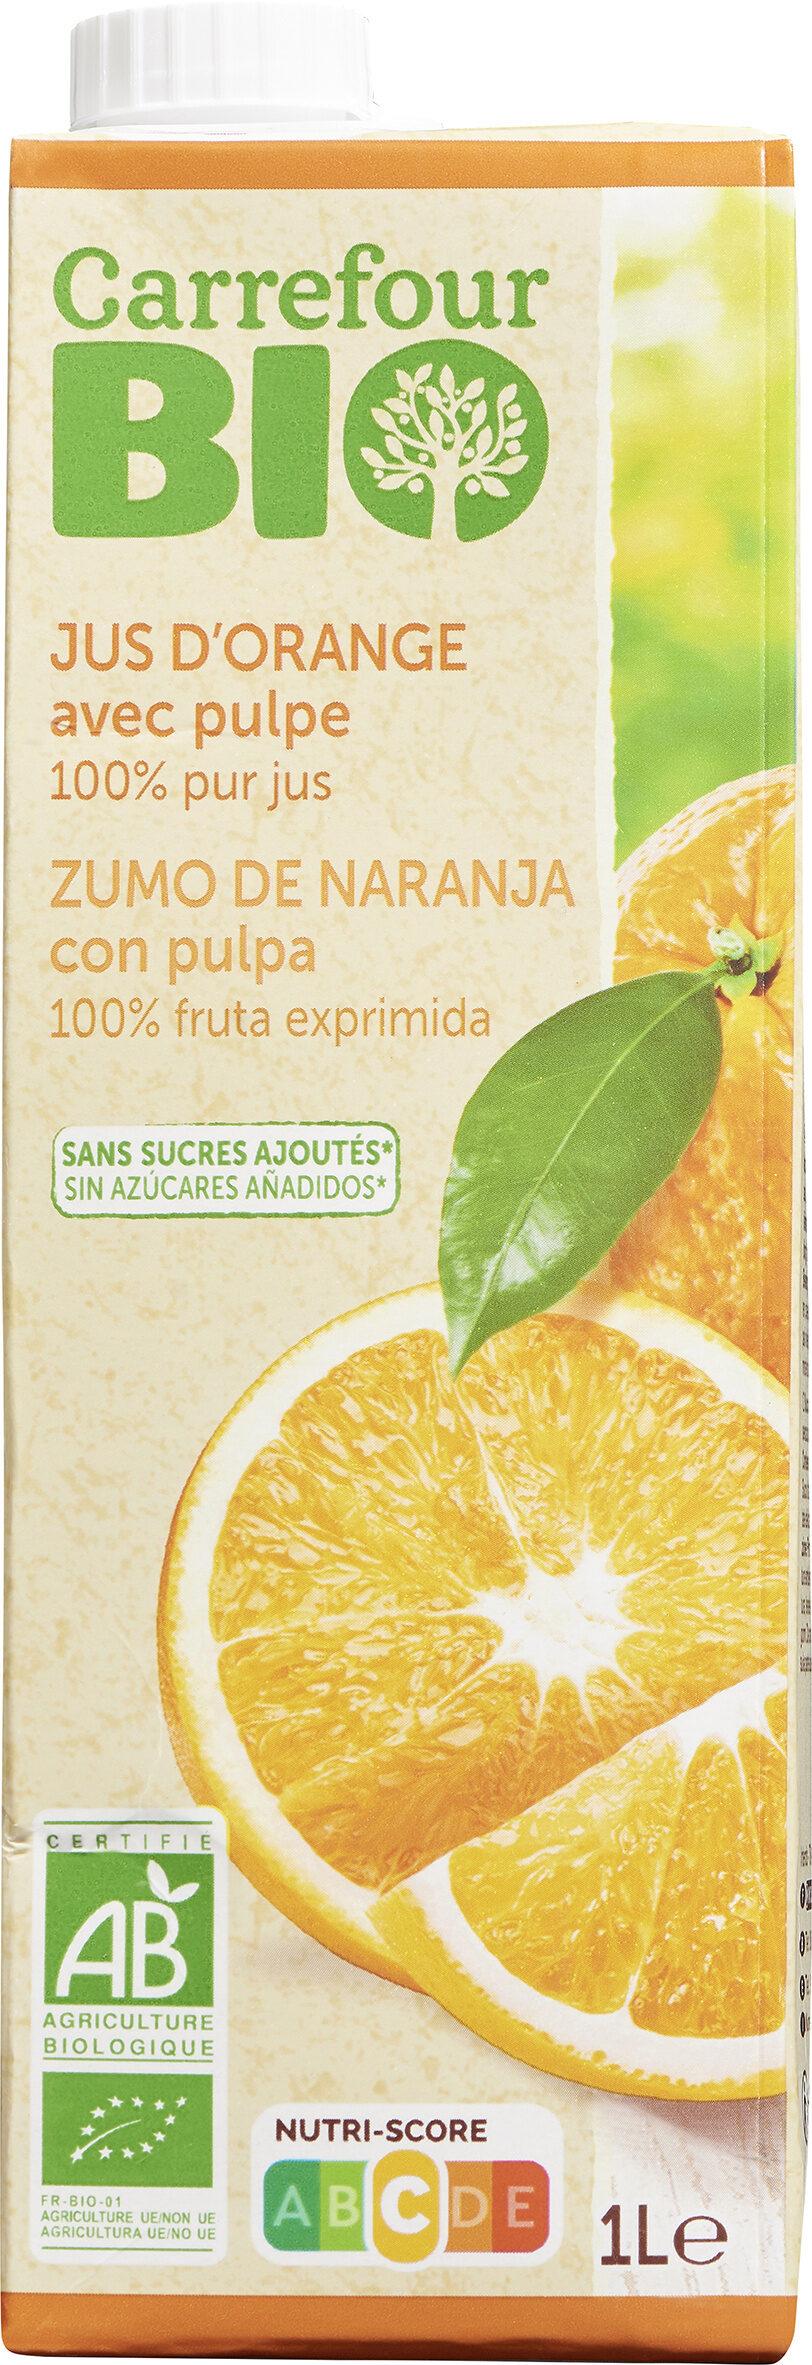 Carrefour bio jus d'orange avec pulpe - Produit - fr